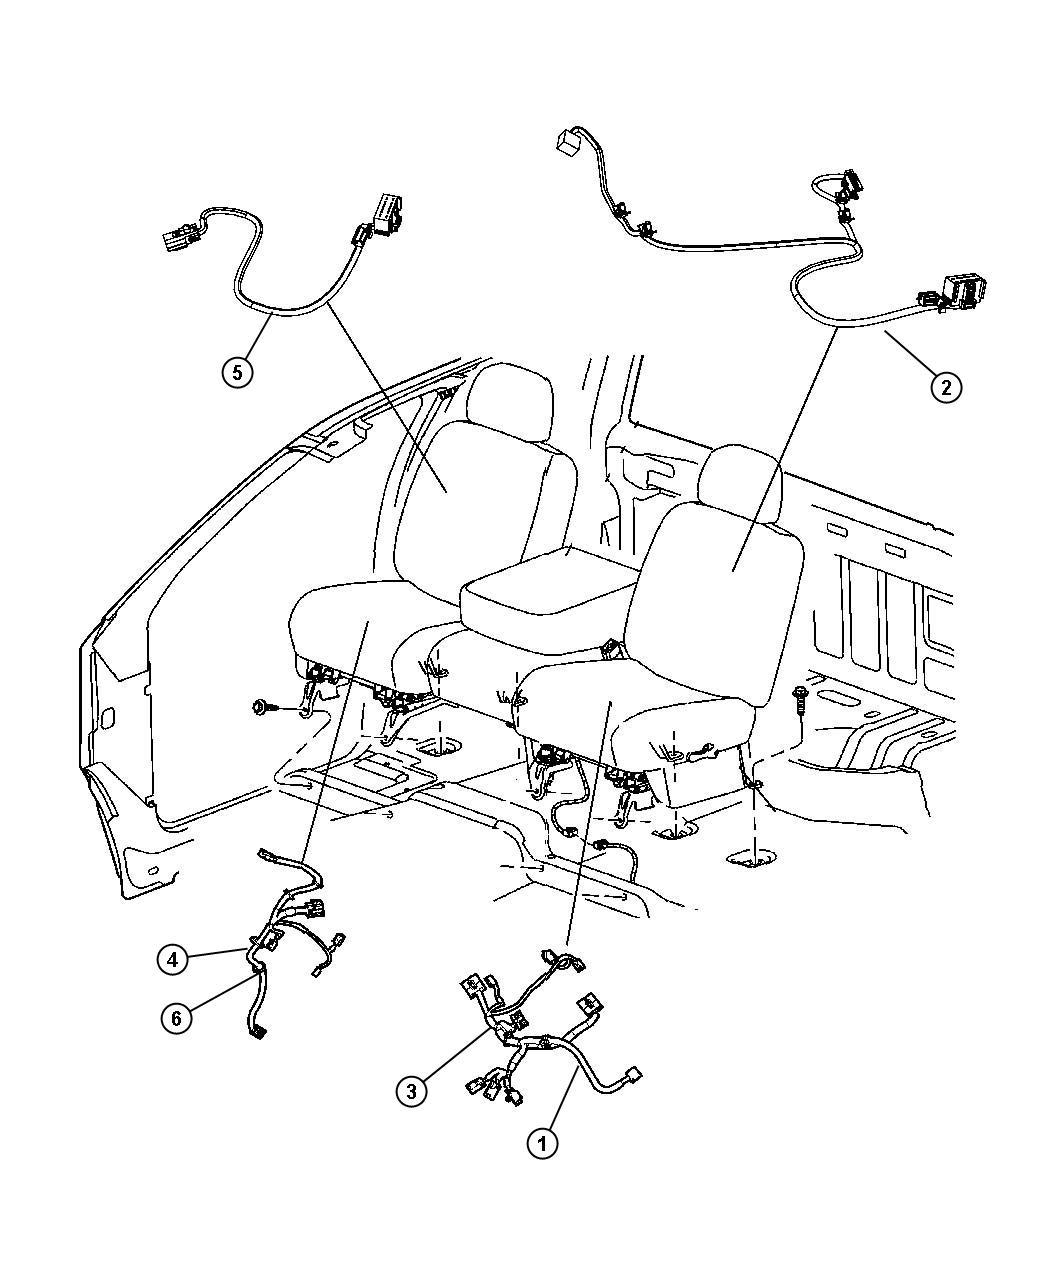 2011 dodge ram seat wiring diagram